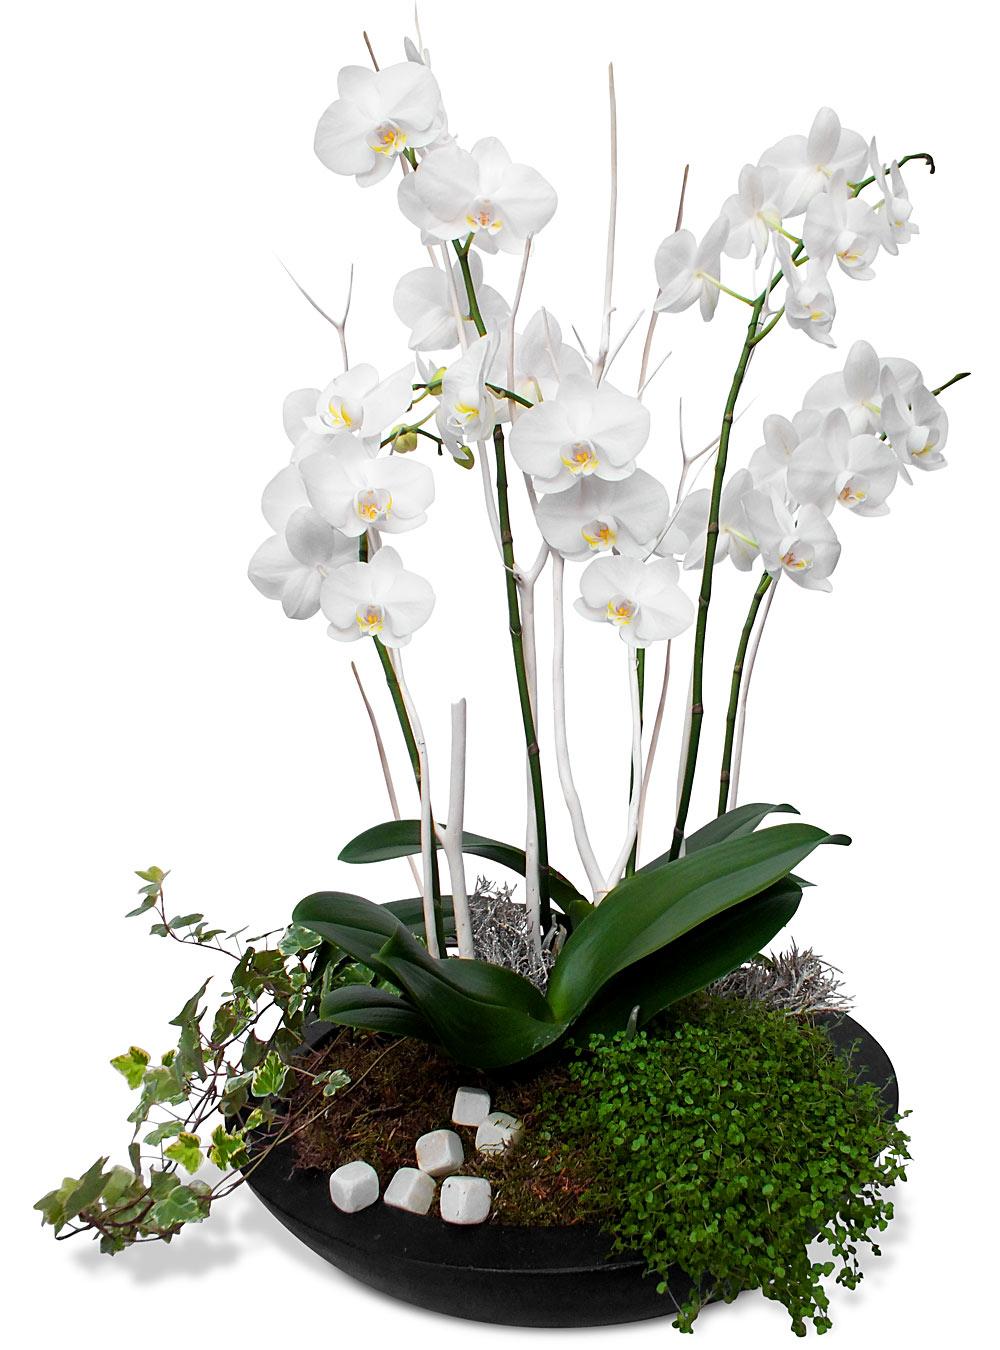 Livraison de fleurs en 4h les fleurs mariage composition for Site livraison fleurs